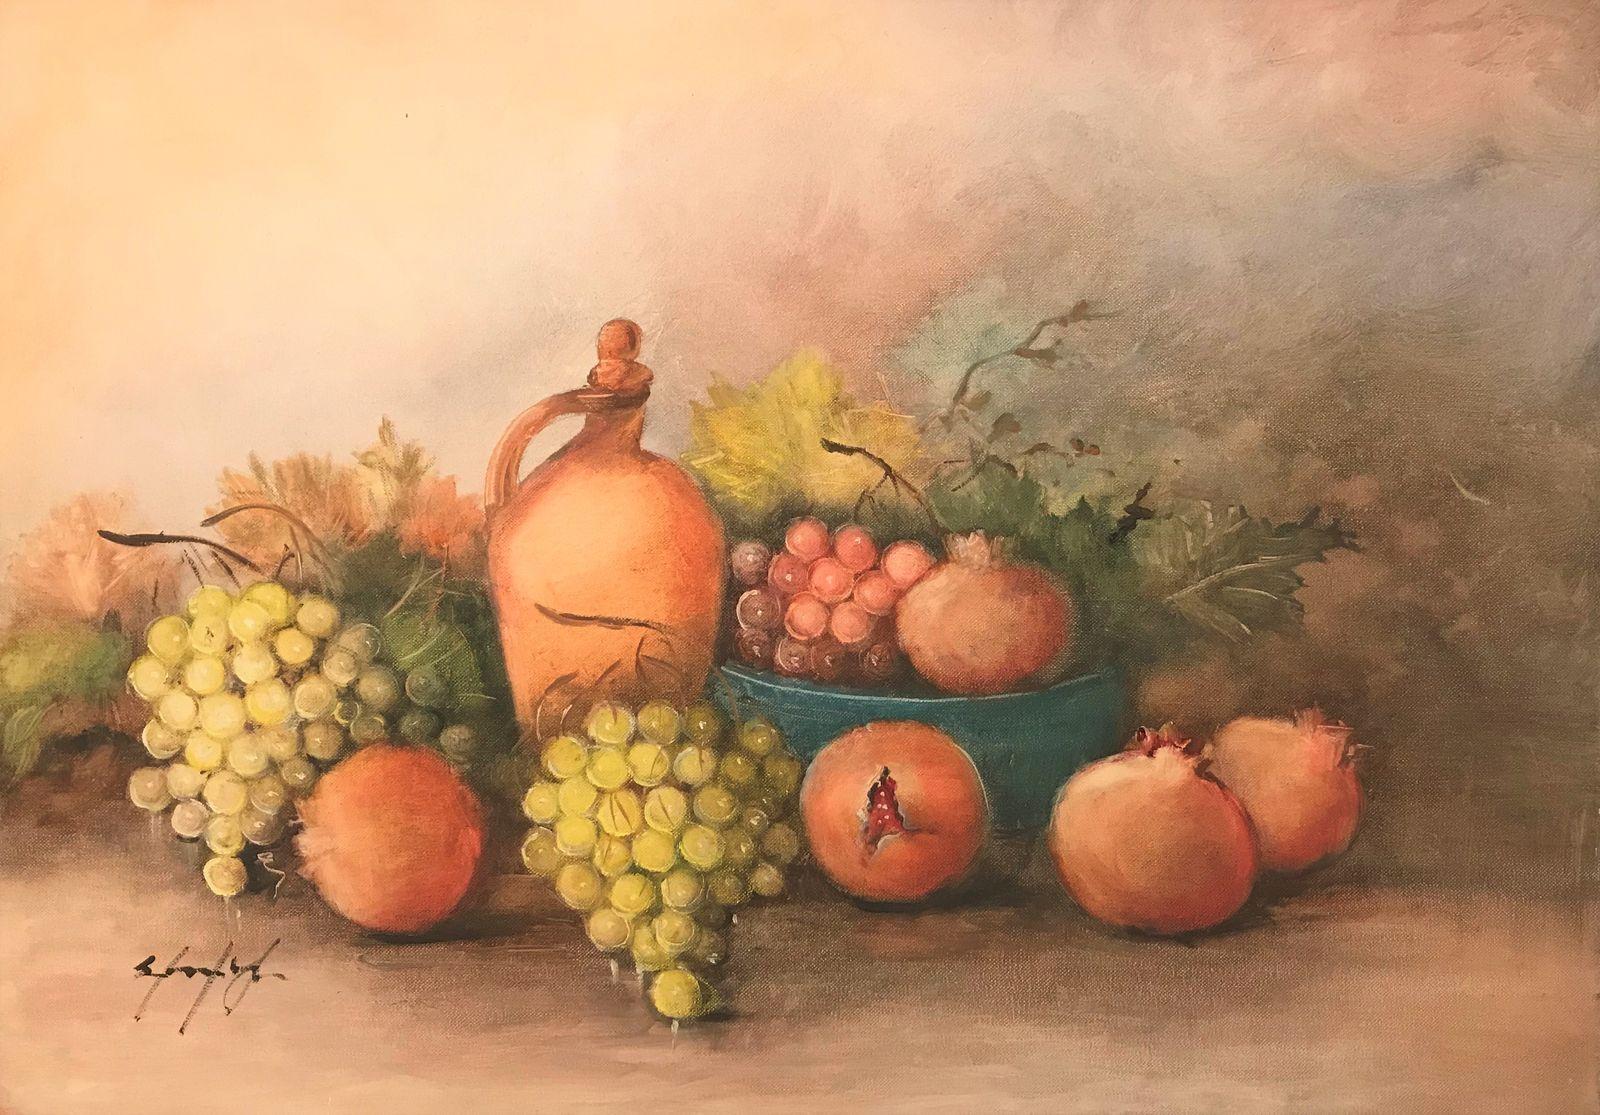 Σταματίνα Μαρνέζου 50×70 Ακρυλικά σε καμβά Stamatina Marnezou 50×70 Acrylics on canvas (4)